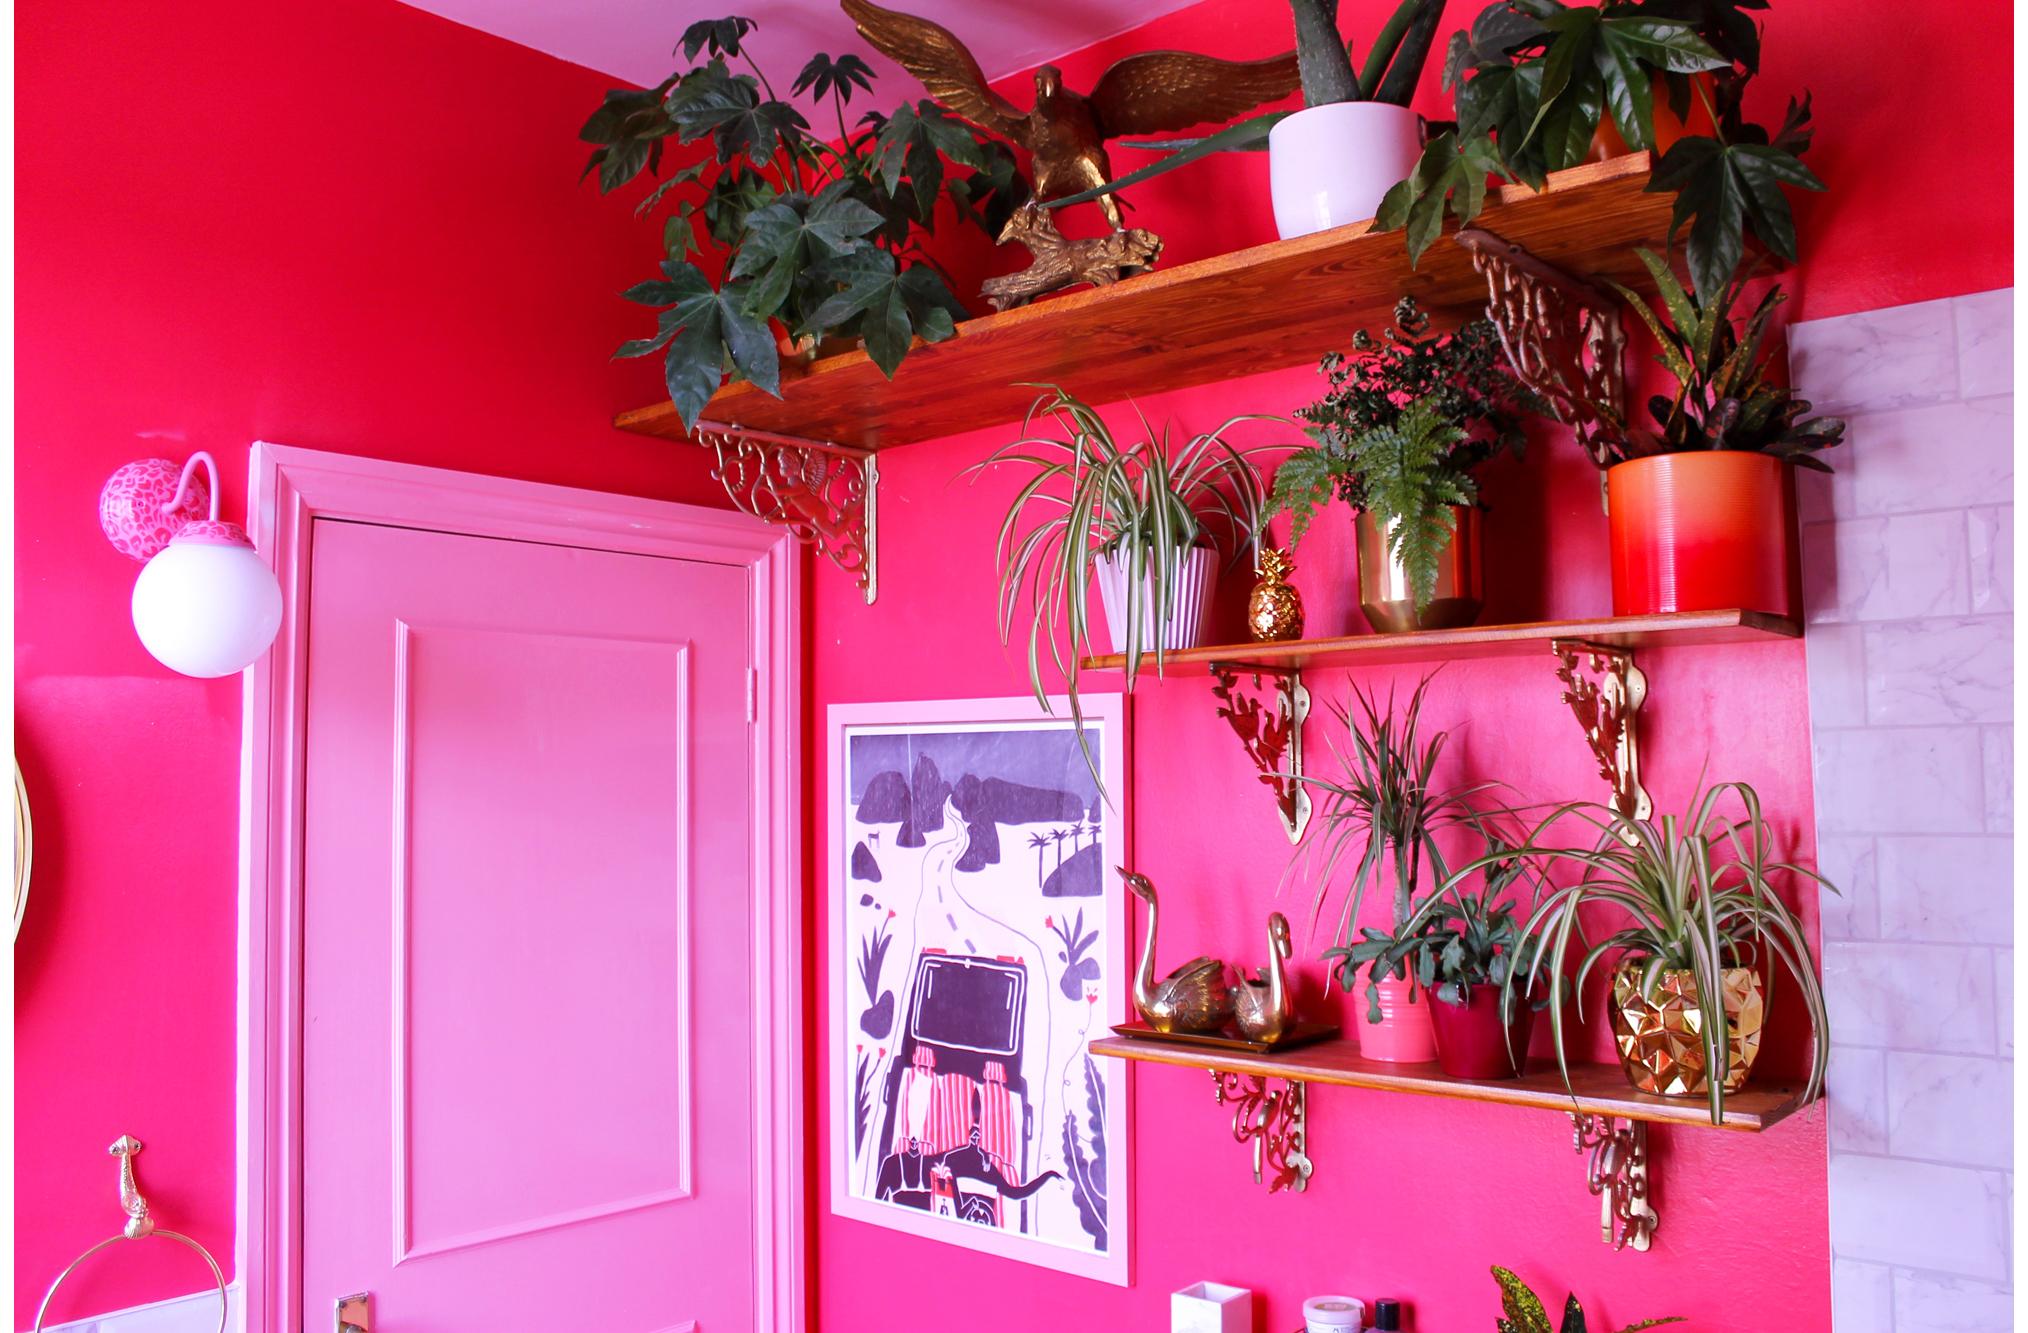 Bathroom Shelves Landscape w border.jpg